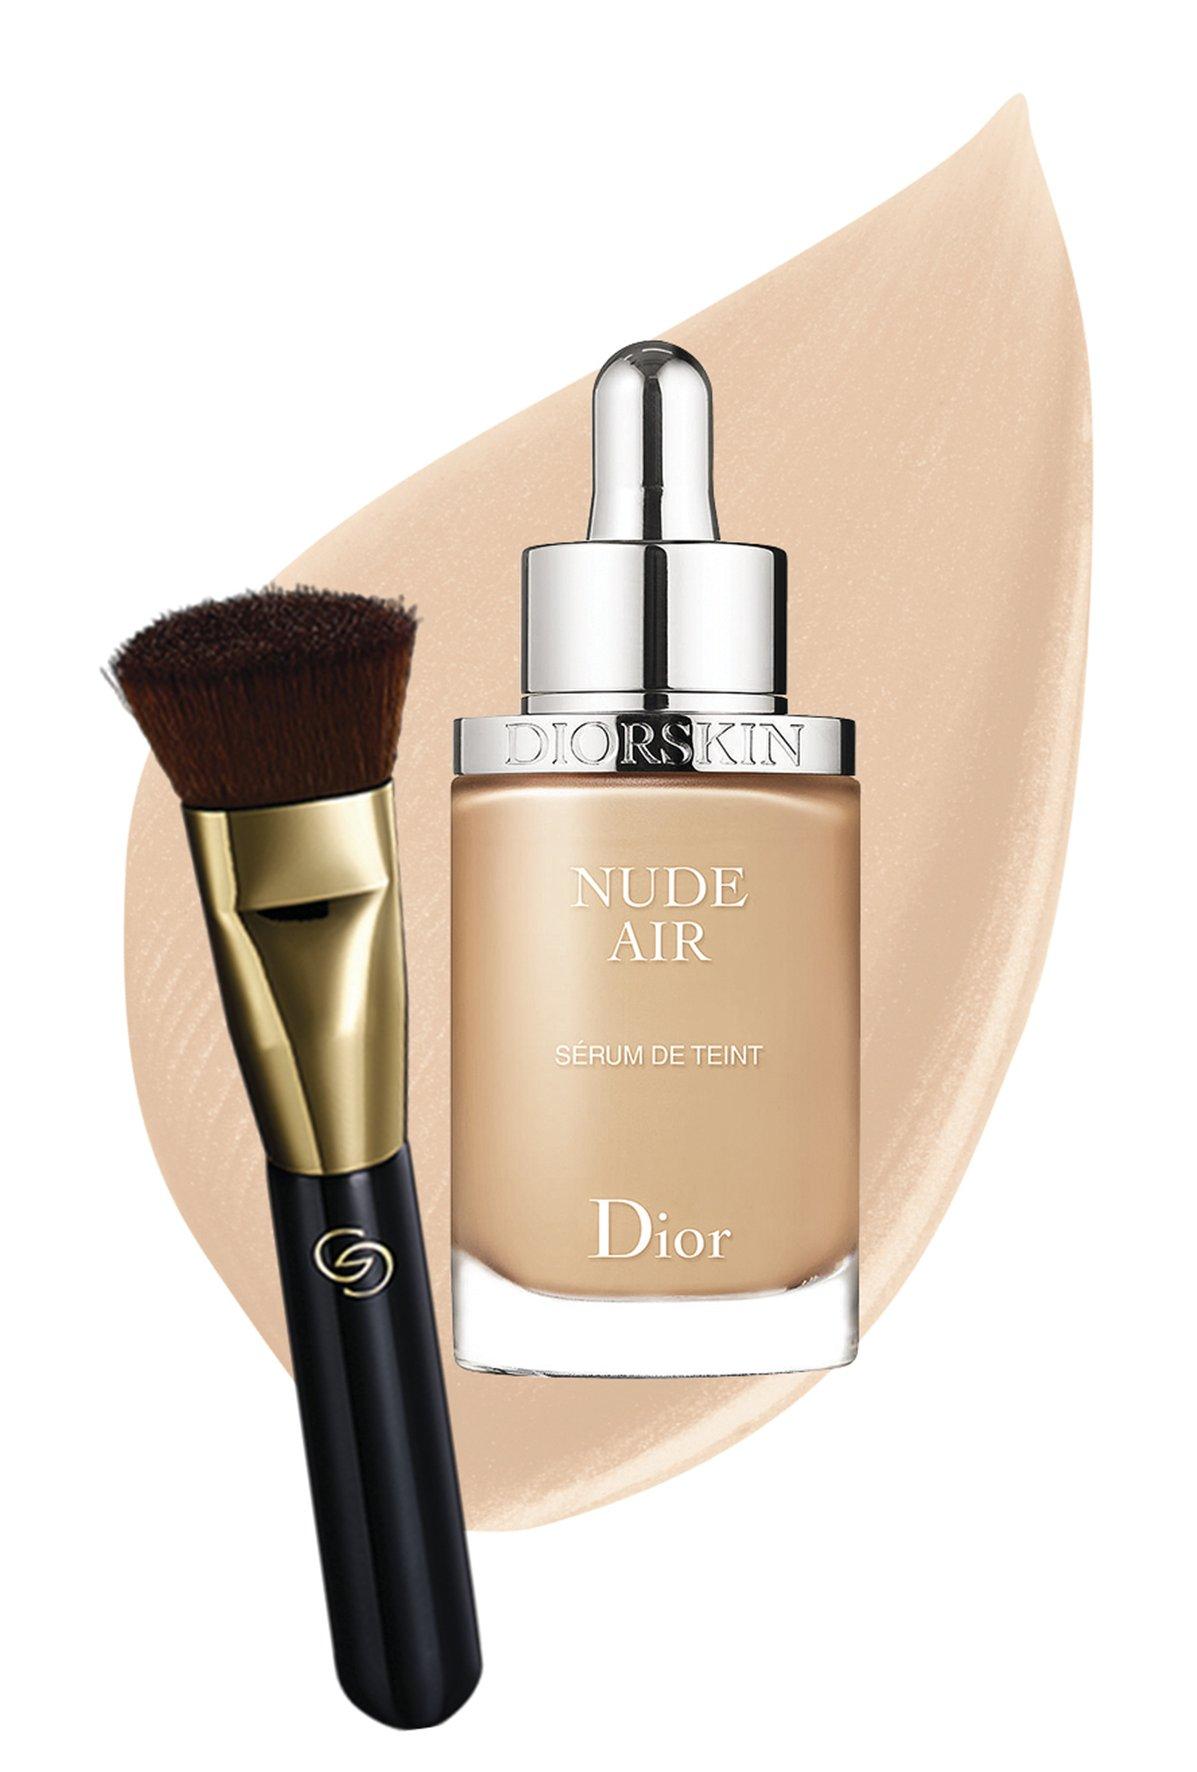 2a423763c4b Seerum-jumestuskreem Dior Diorskin Nude Air Sérum de Teint (52.88) laseb  nahal hingata ja annab tervisest pakatava sära.